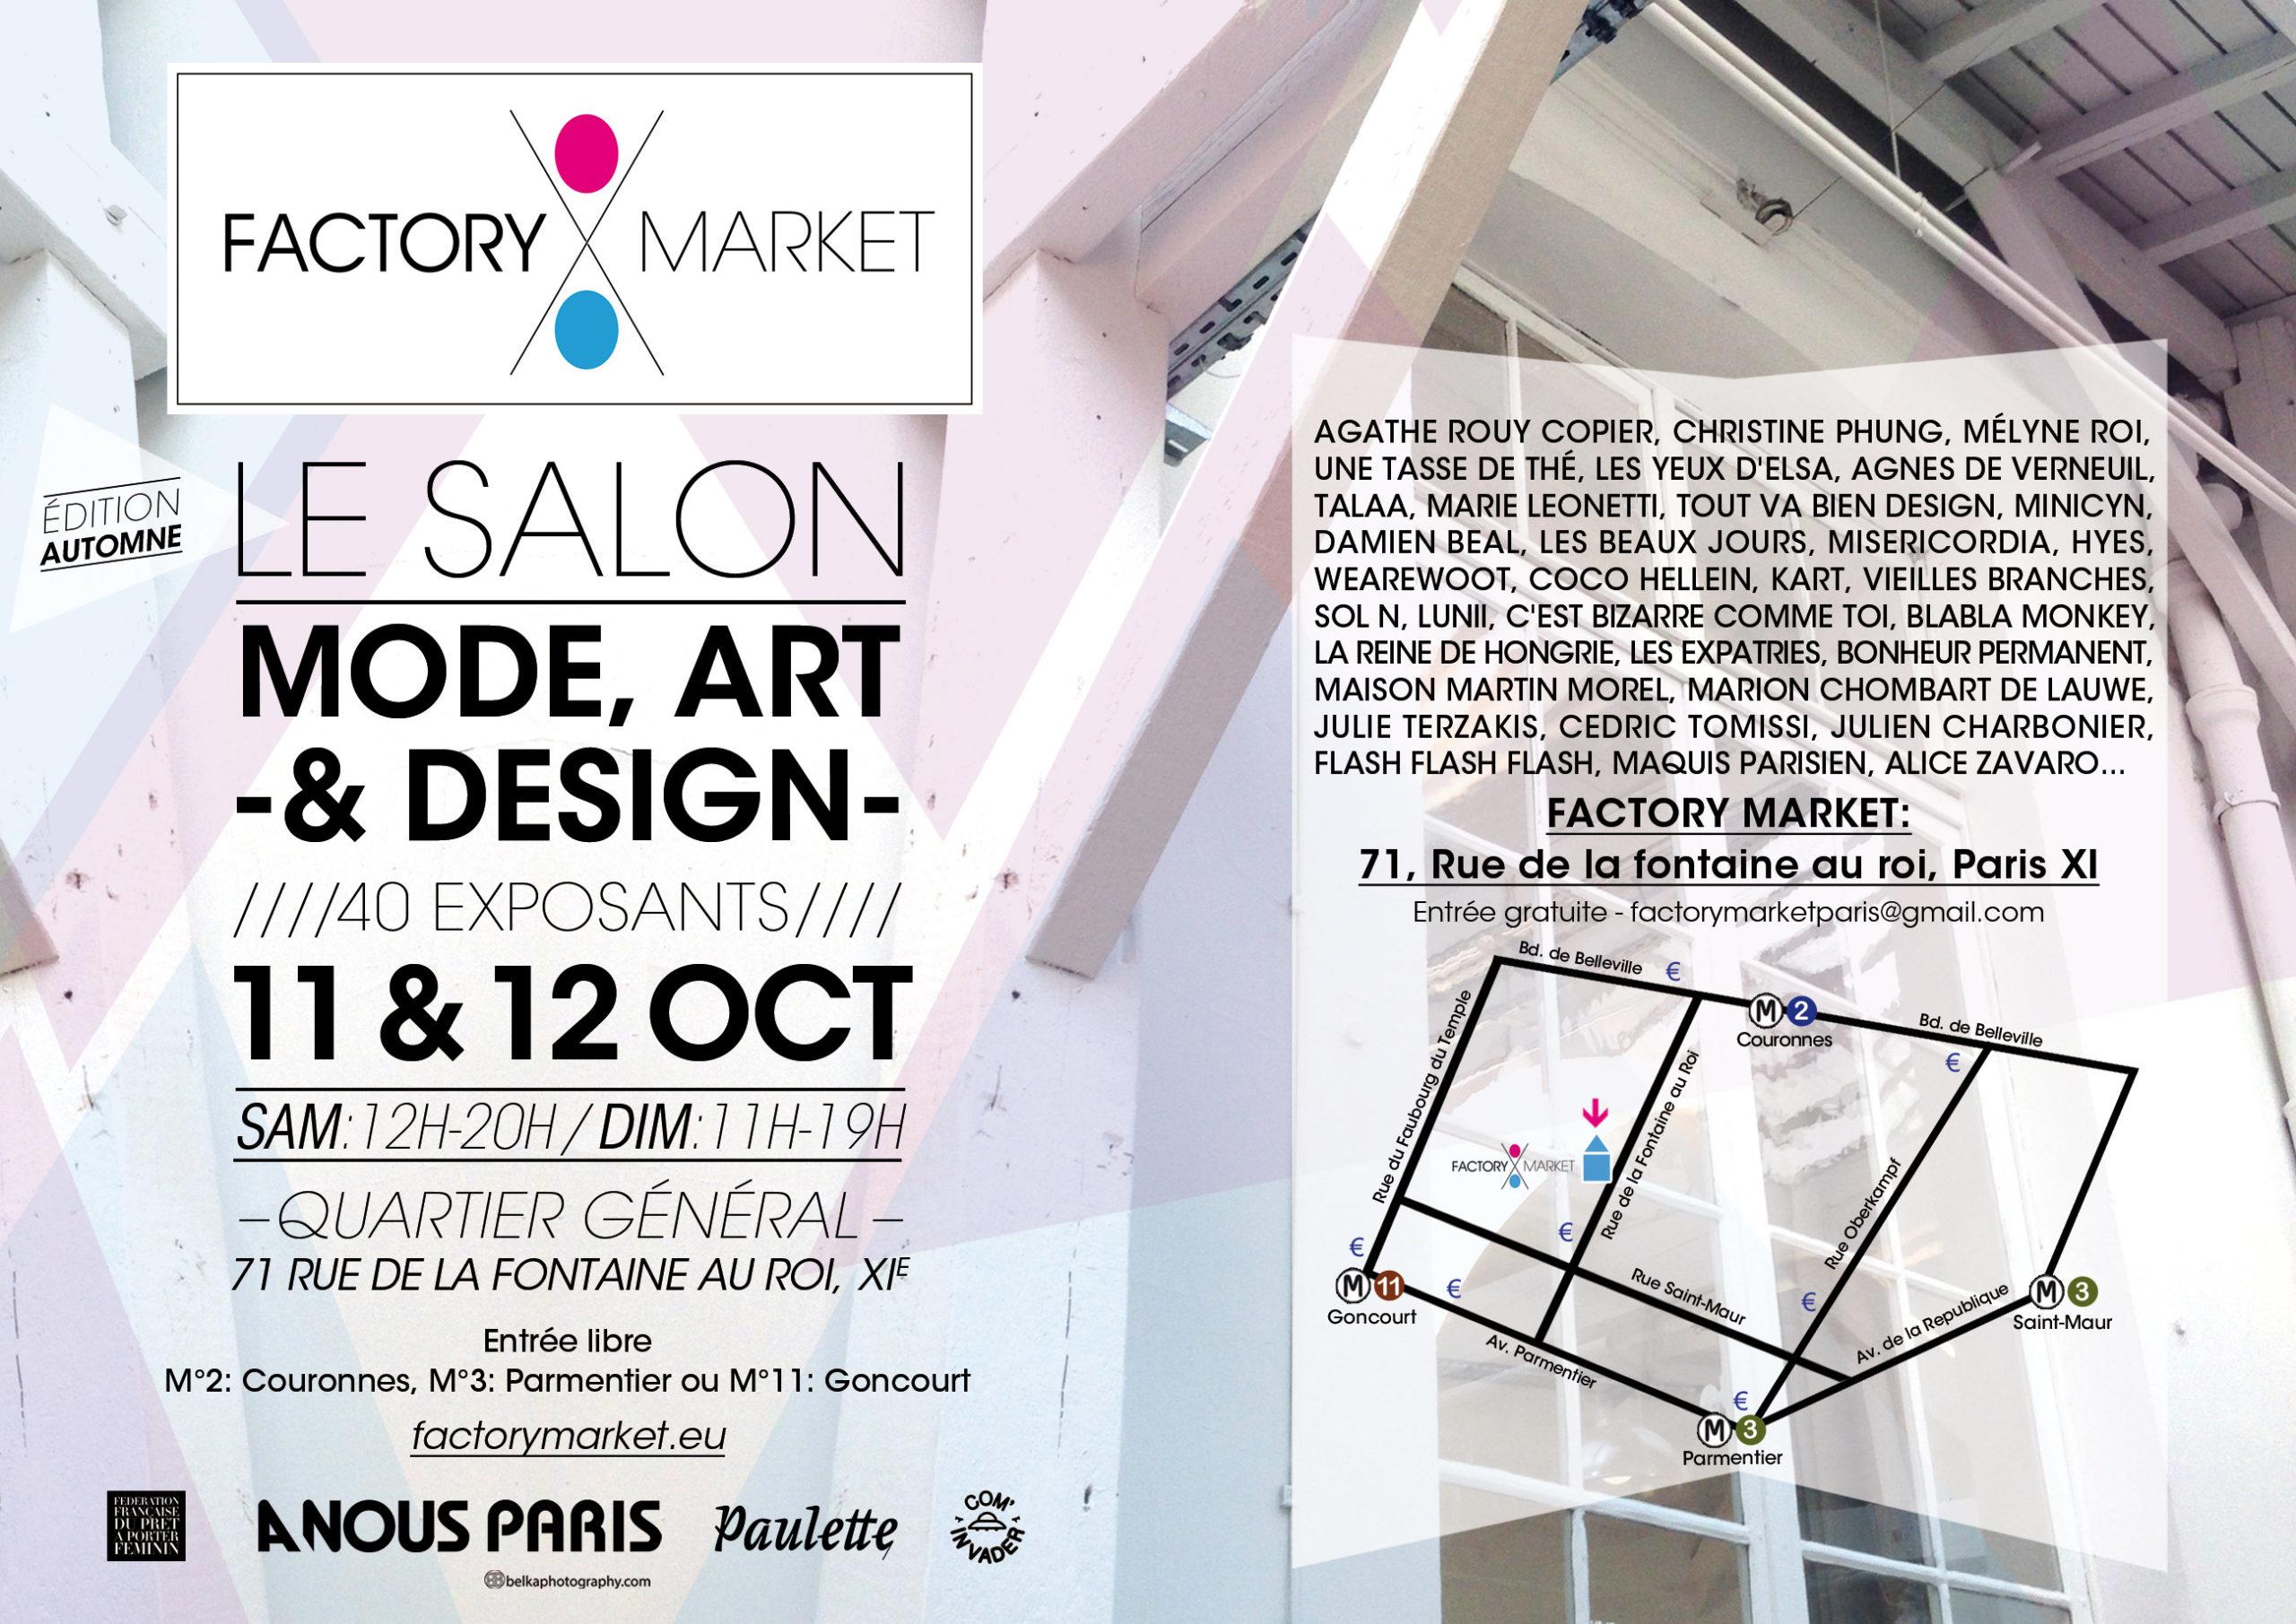 Factory Market - Agnès de Verneuil